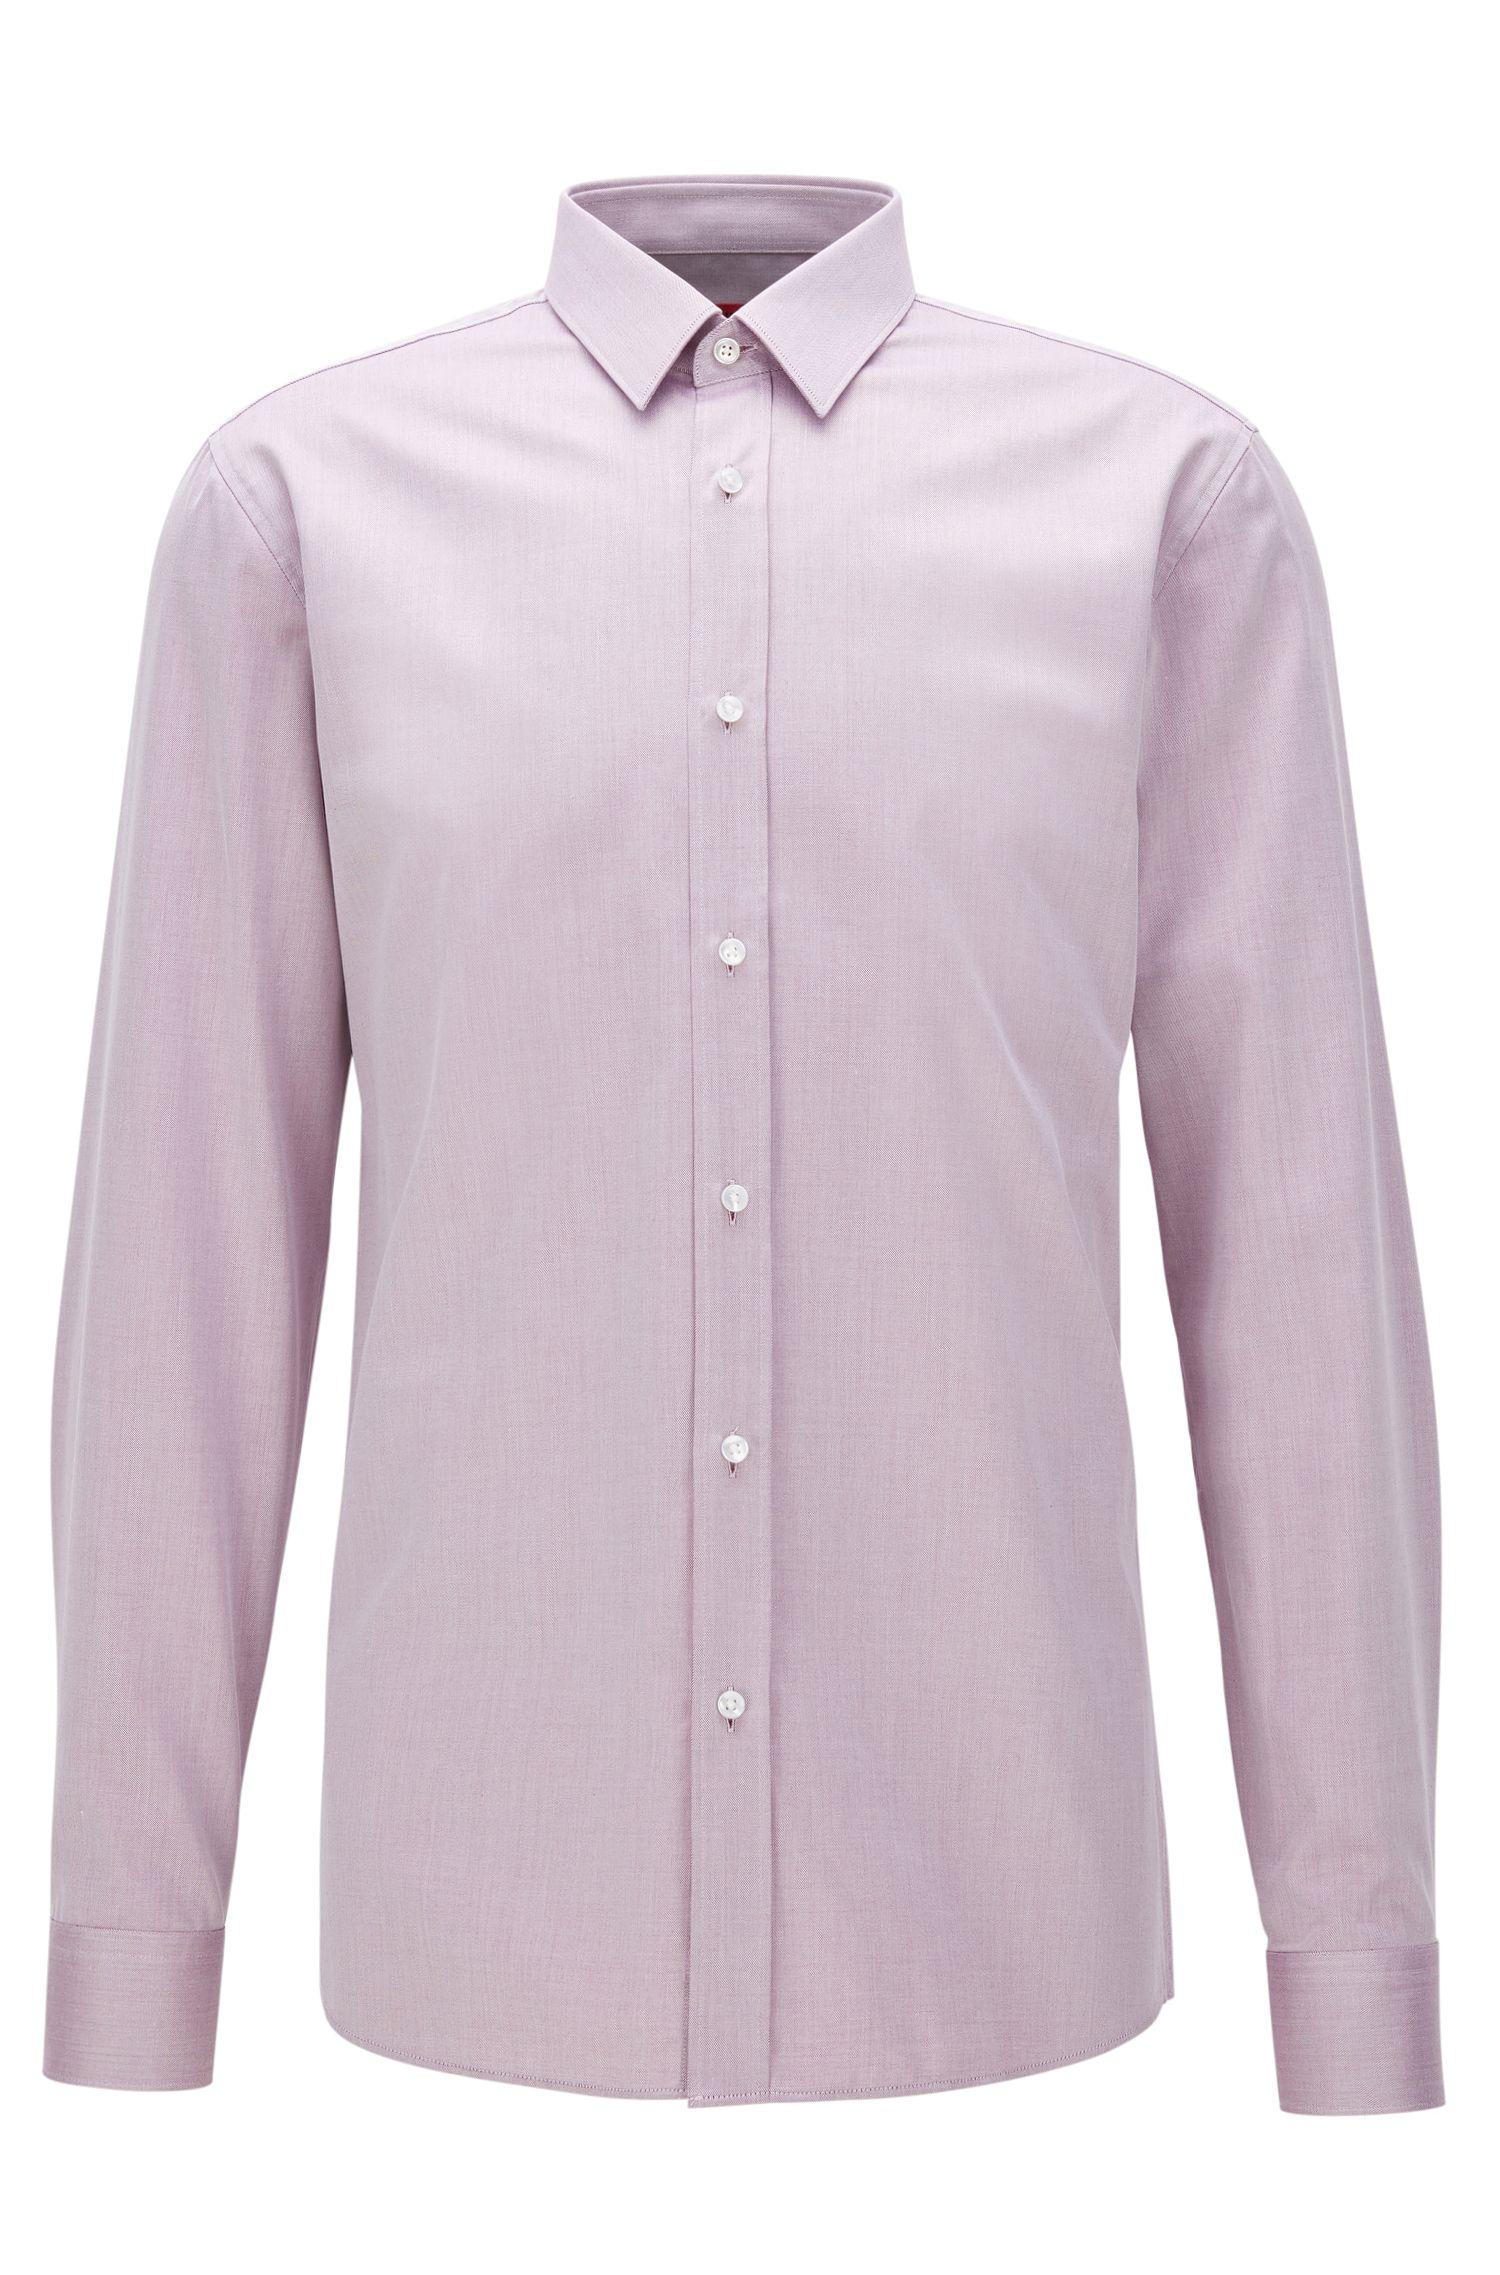 Two-Ply Cotton Dress Shirt, Extra Slim Fit | Elisha